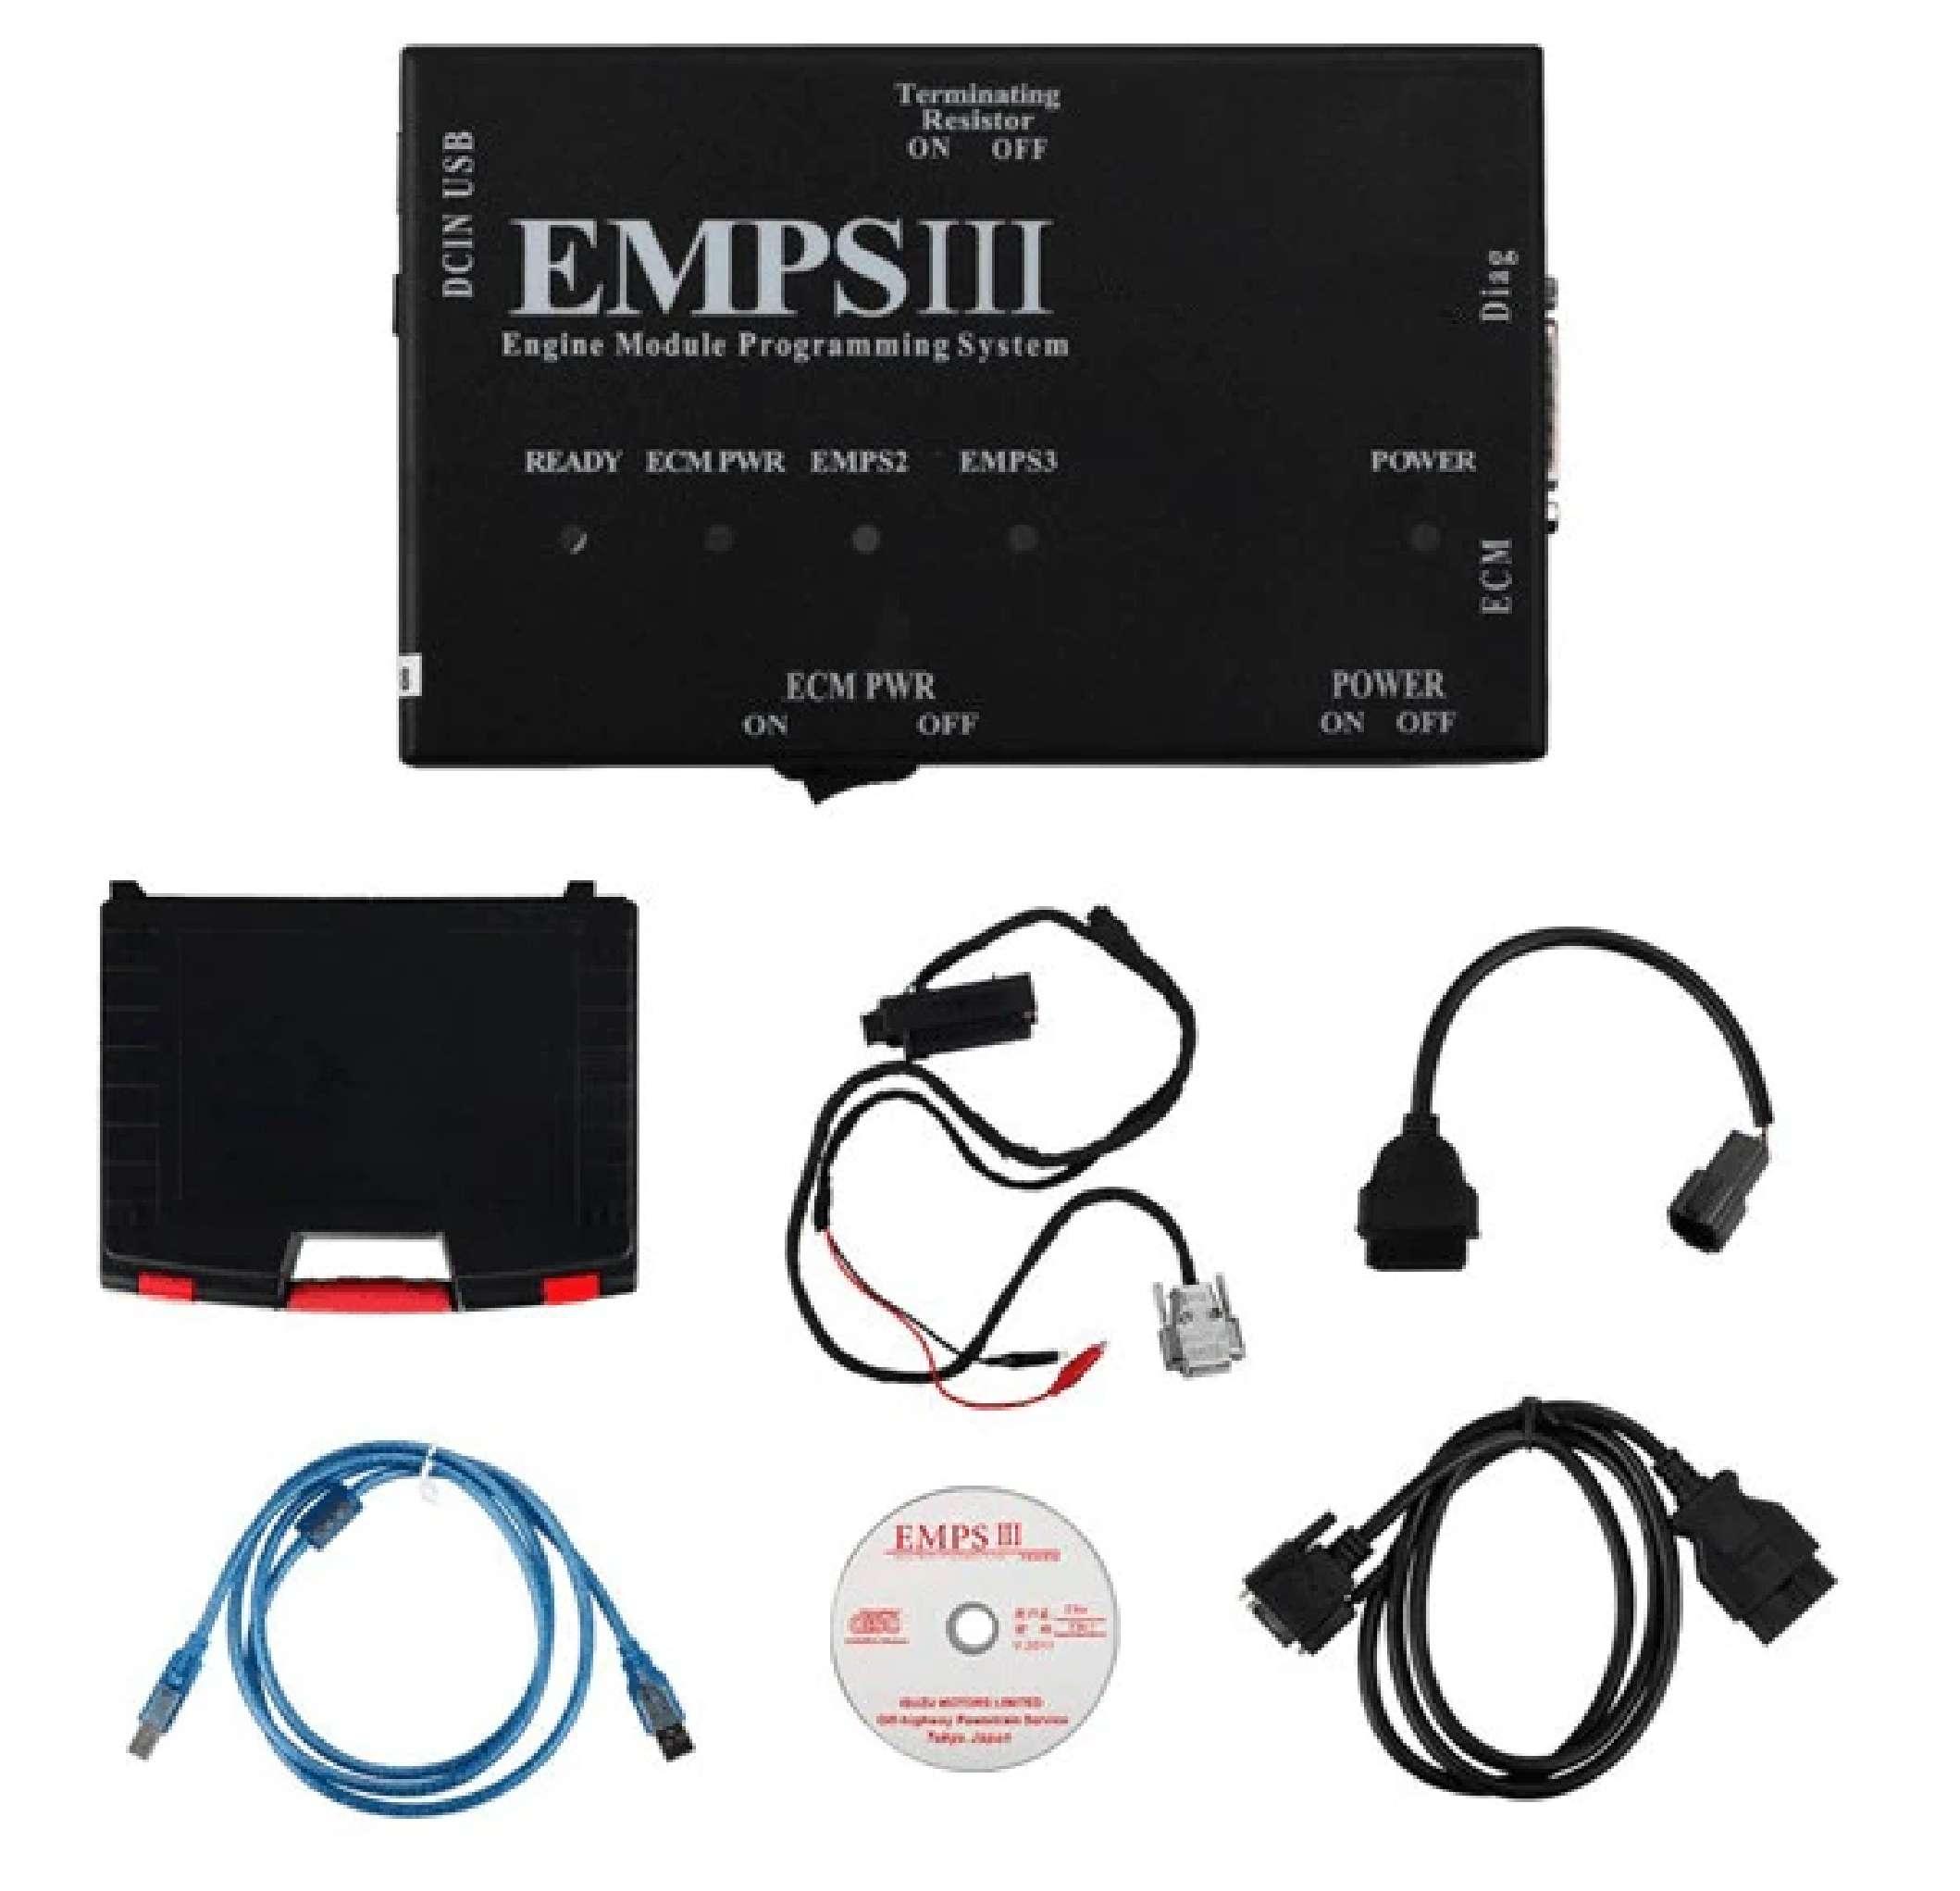 ISUZU EMPS SS-01